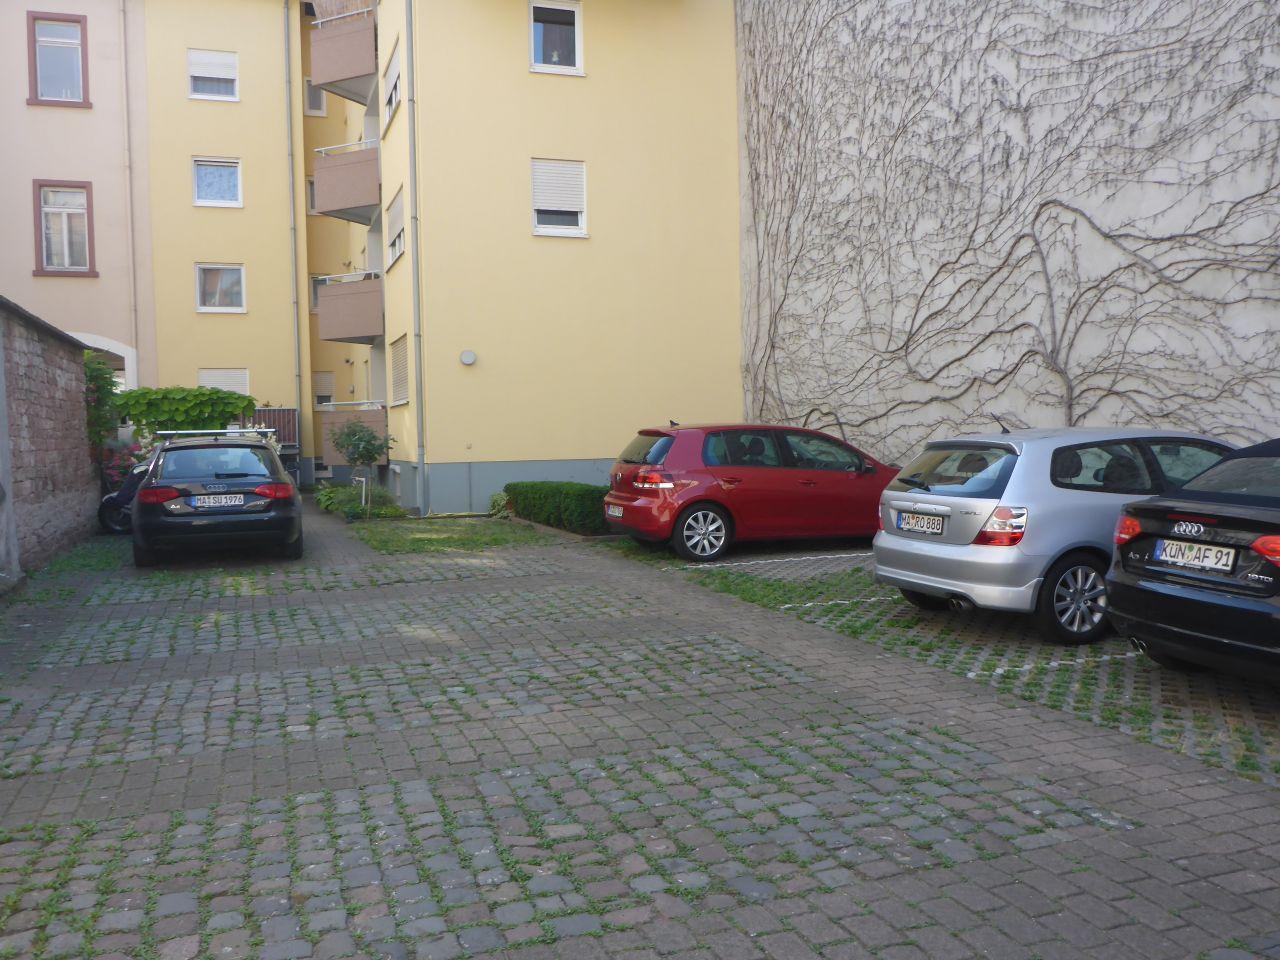 Parkplätze In Mannheim